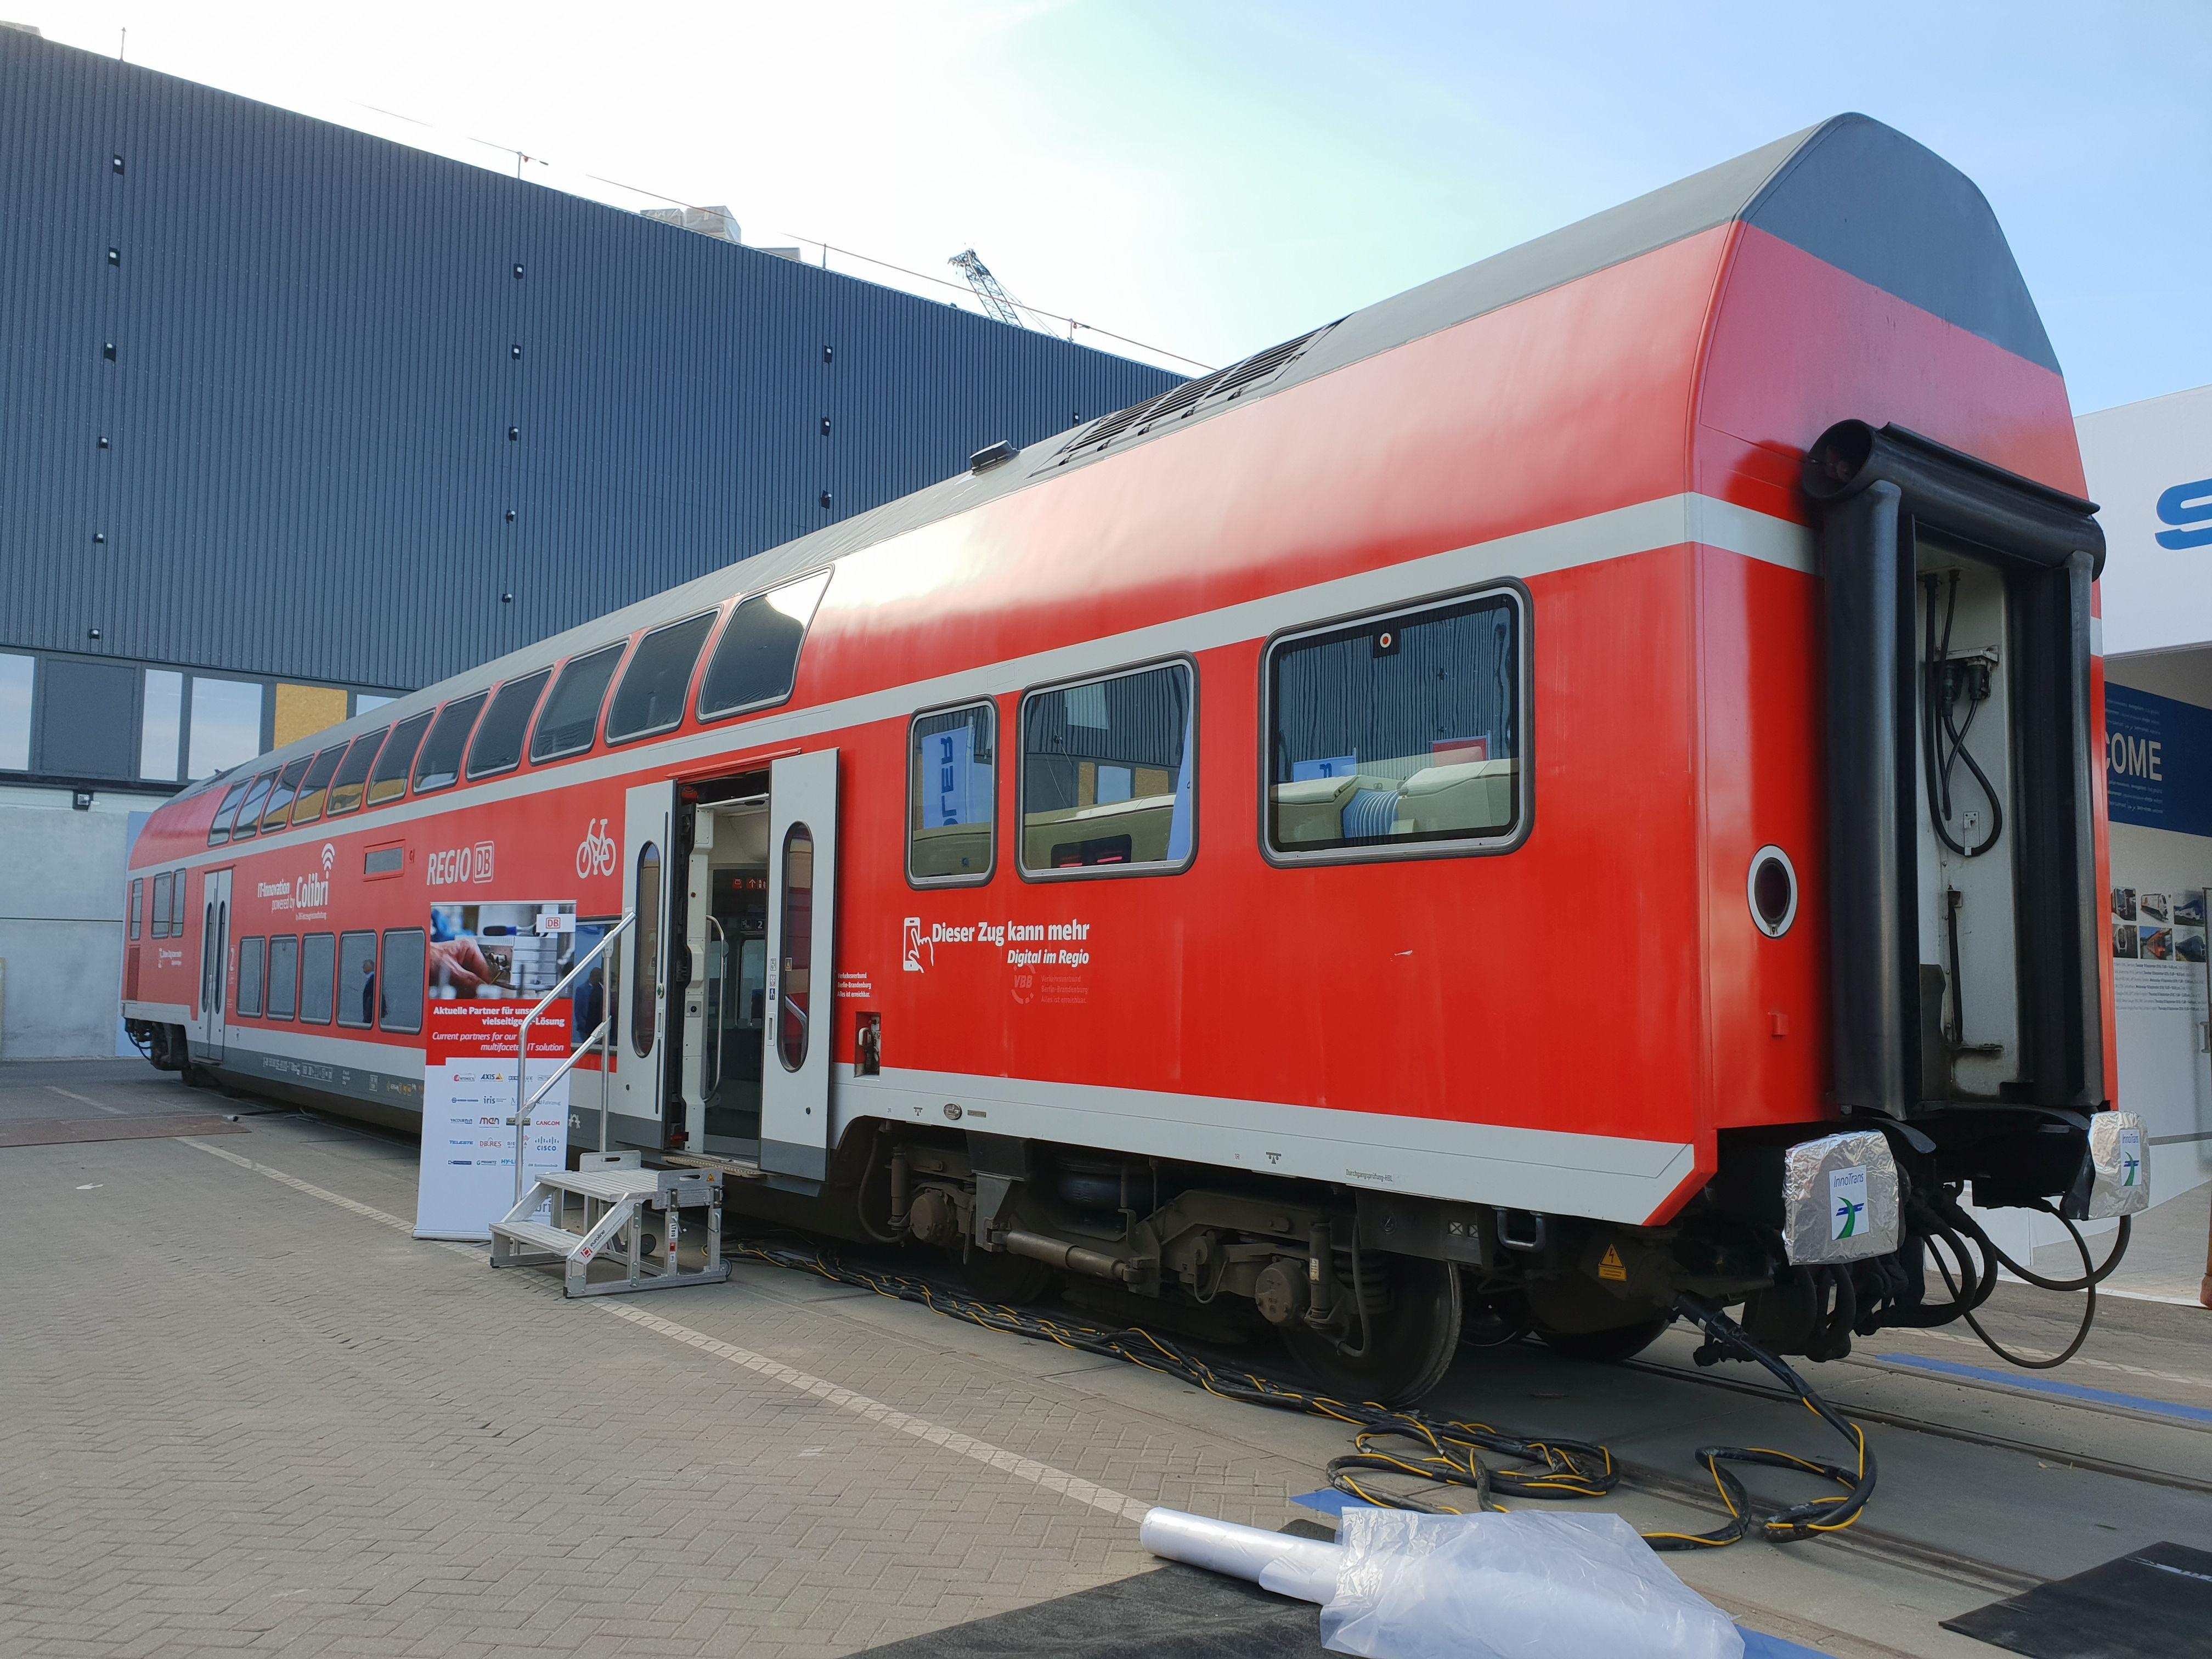 """Foto: DB Fahrzeuginstandhaltung präsentiert im Doppelstockwagen die Lösungen """"Colibri"""" für eine Reisekette"""